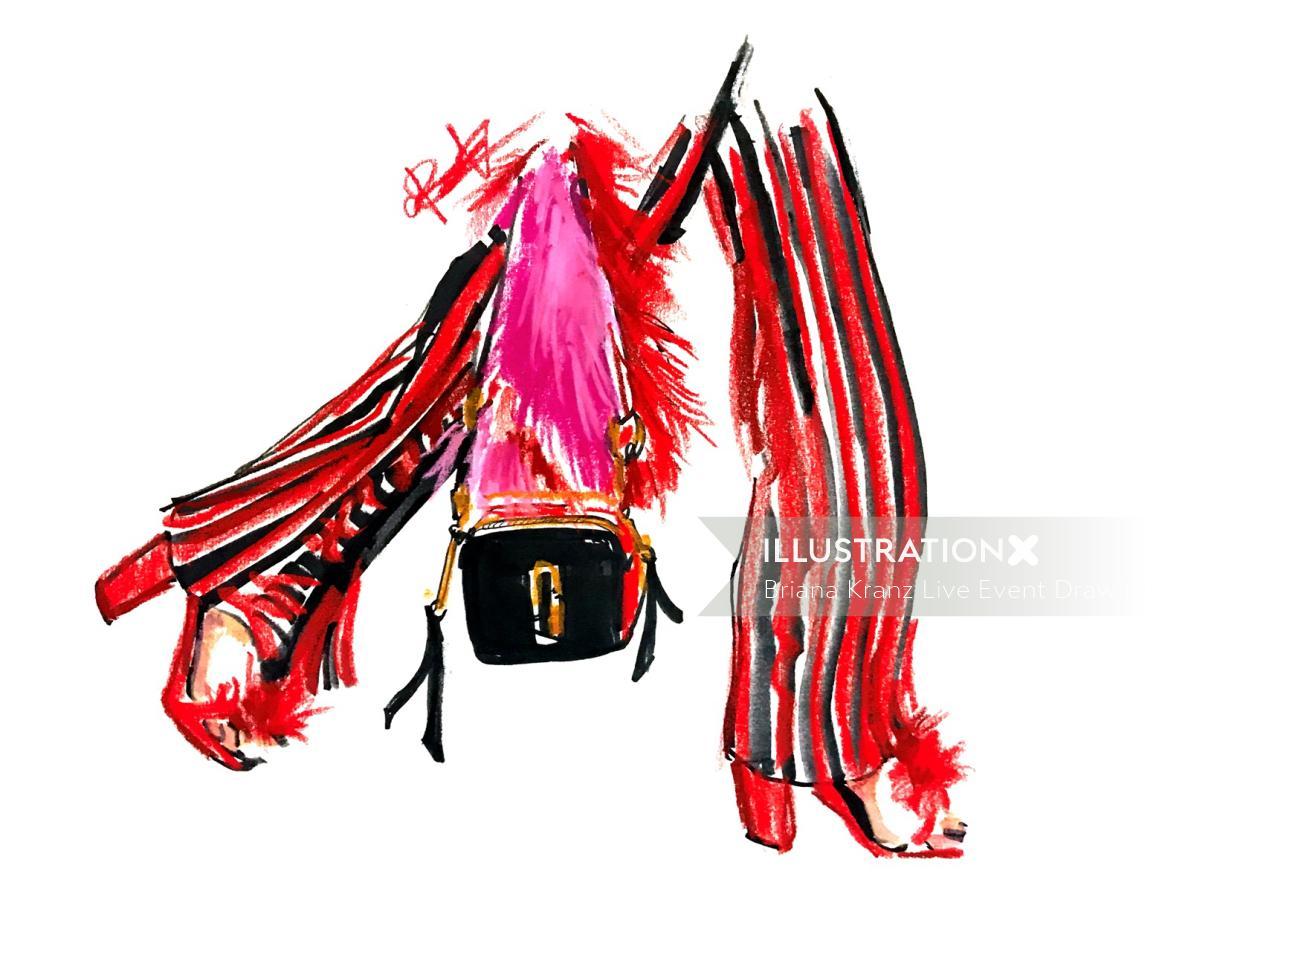 Woman walking in heels with purse